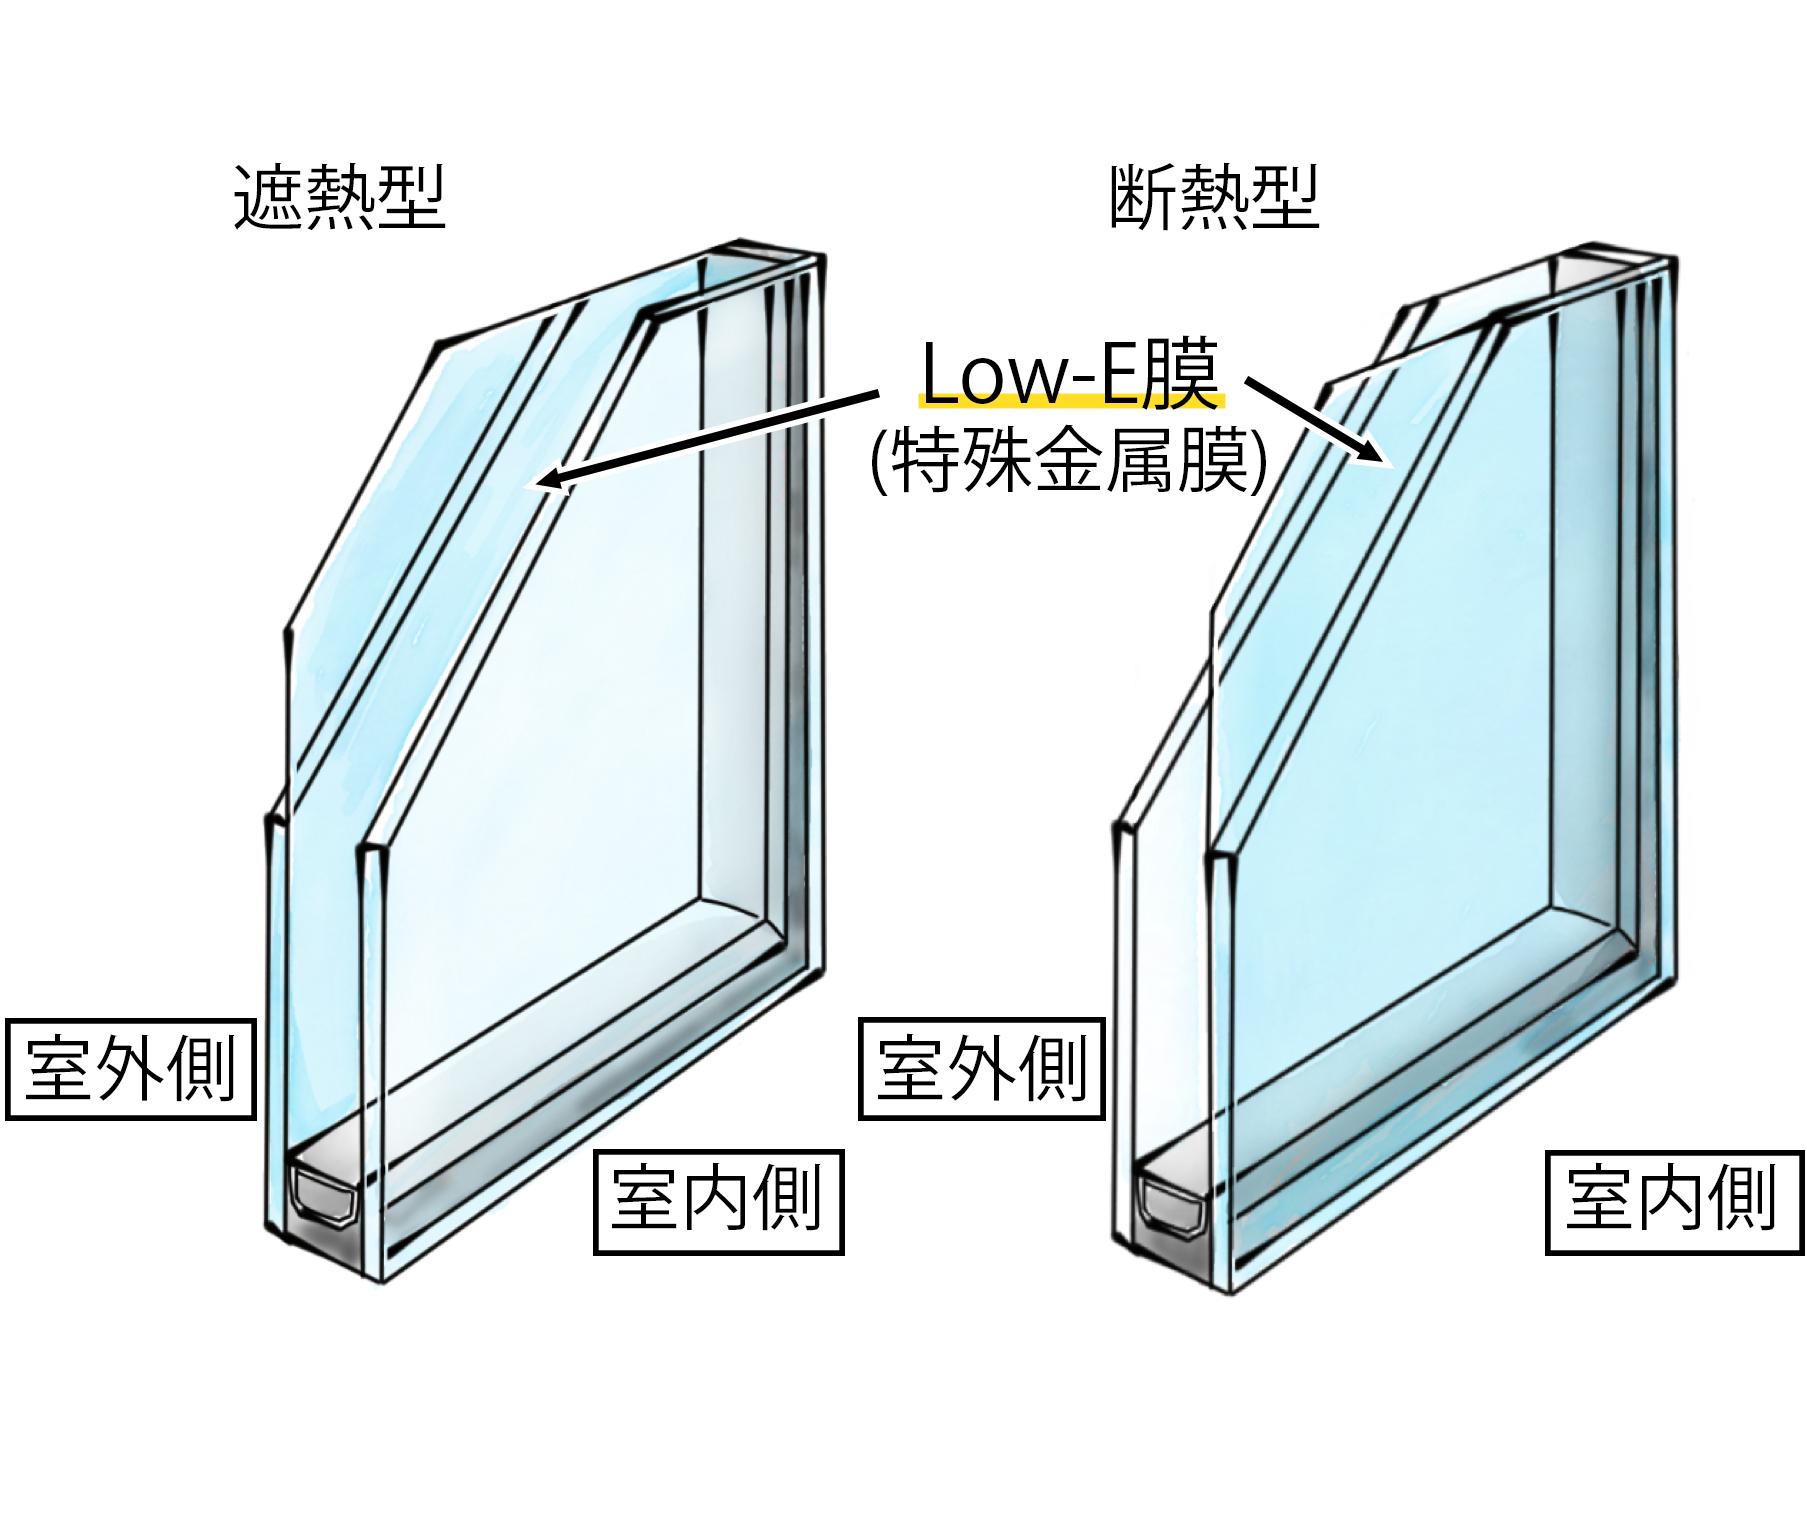 Low-Eガラス 千葉 内装・リフォーム